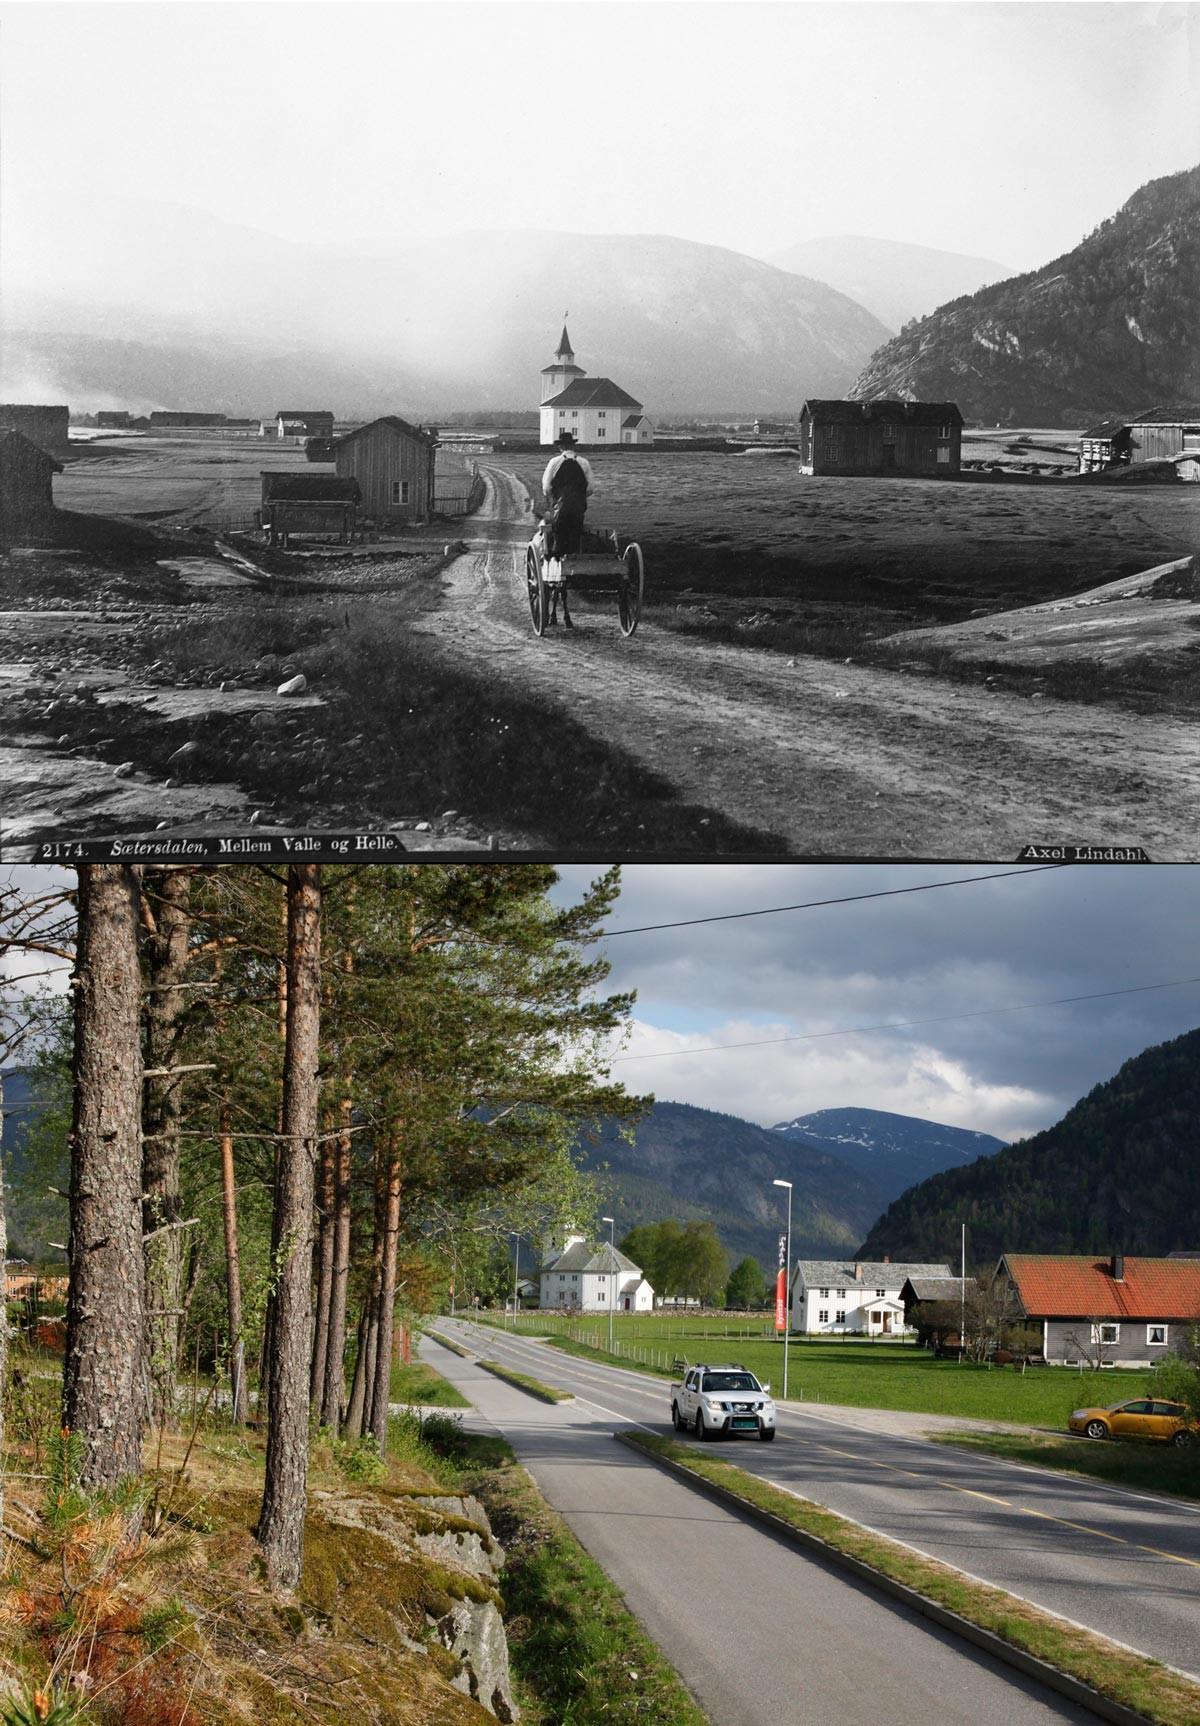 Noruega antes e após o petróleo: a transformação do país em imagens 02